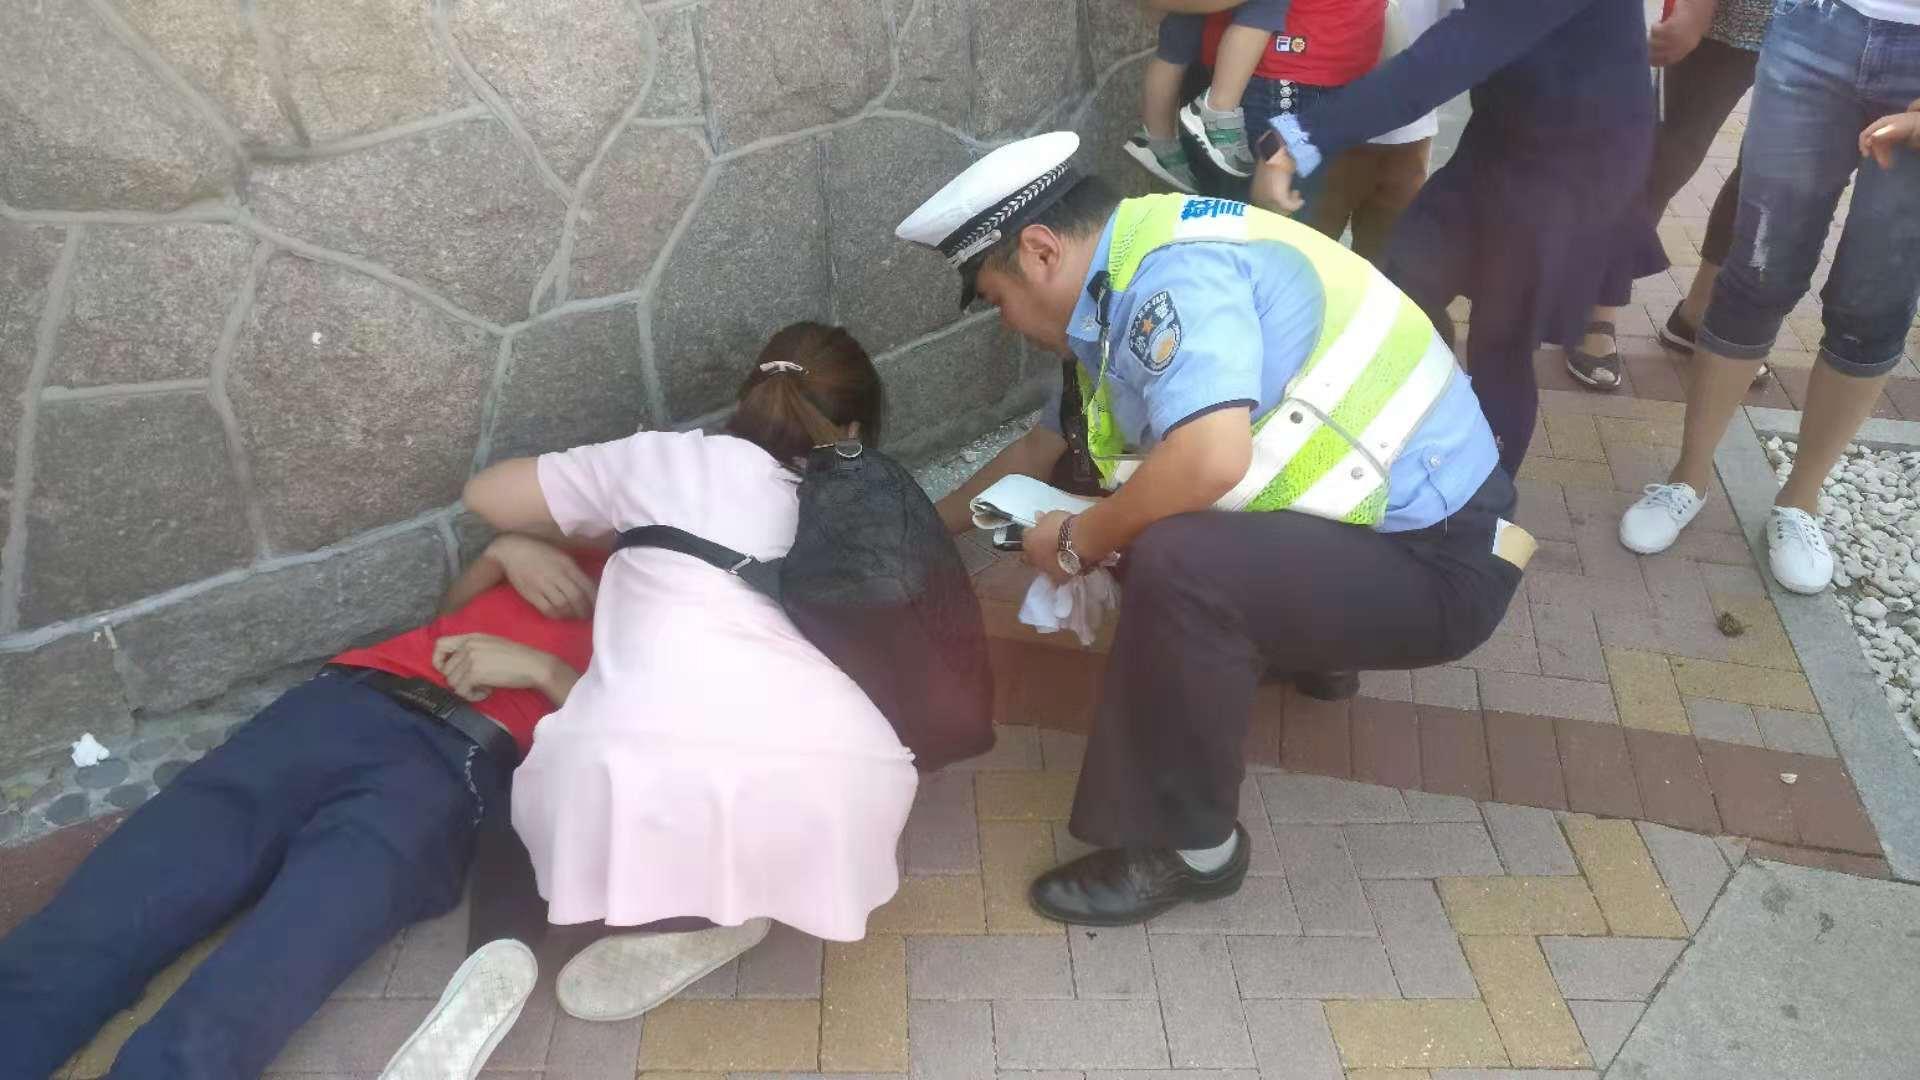 外地游客发病倒地 青岛交警摩托开道护送就医